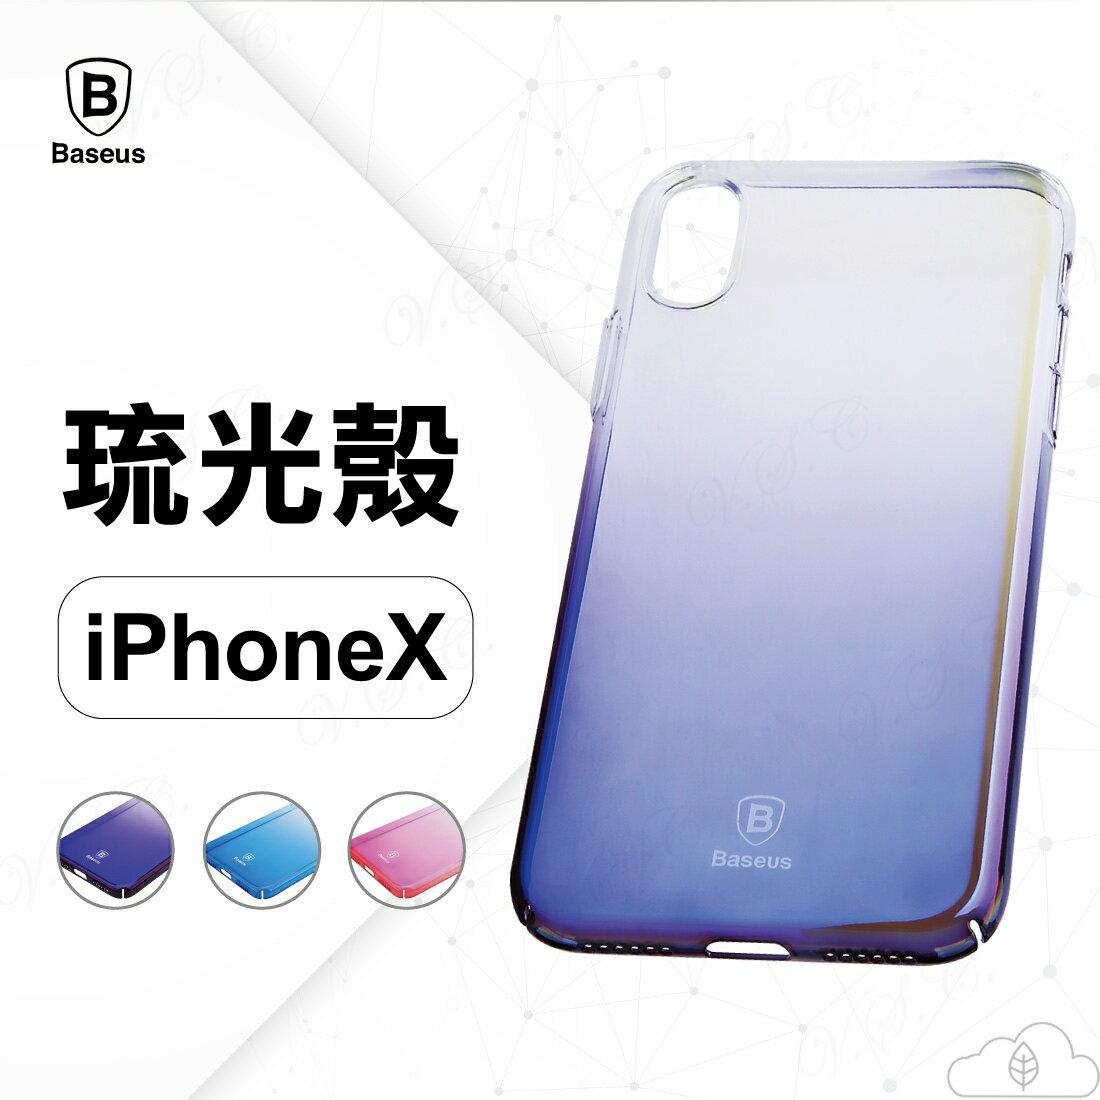 倍思 iPhoneX iPX 琉光 炫彩 變色殼 防摔 雙色 透明 背蓋 透亮 多變 手機殼 保護套 全館299運費